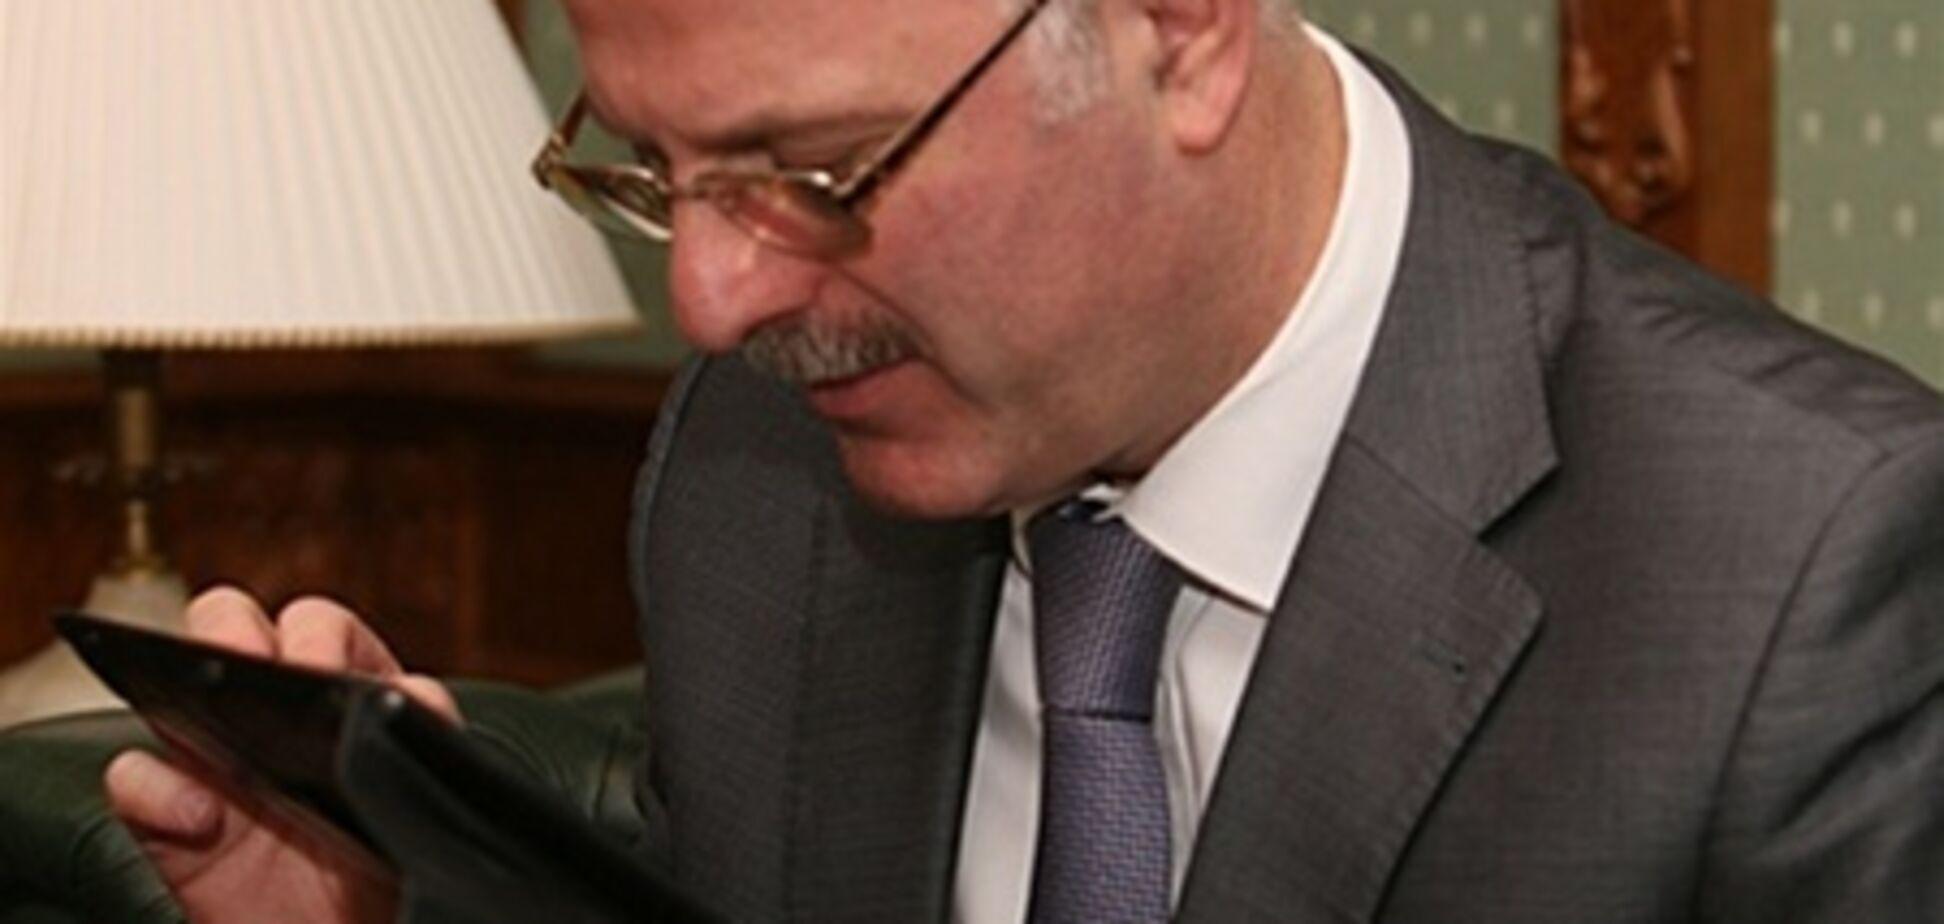 Каха Каладзе має хороші менеджерські здібності для посади міністра - Катамадзе